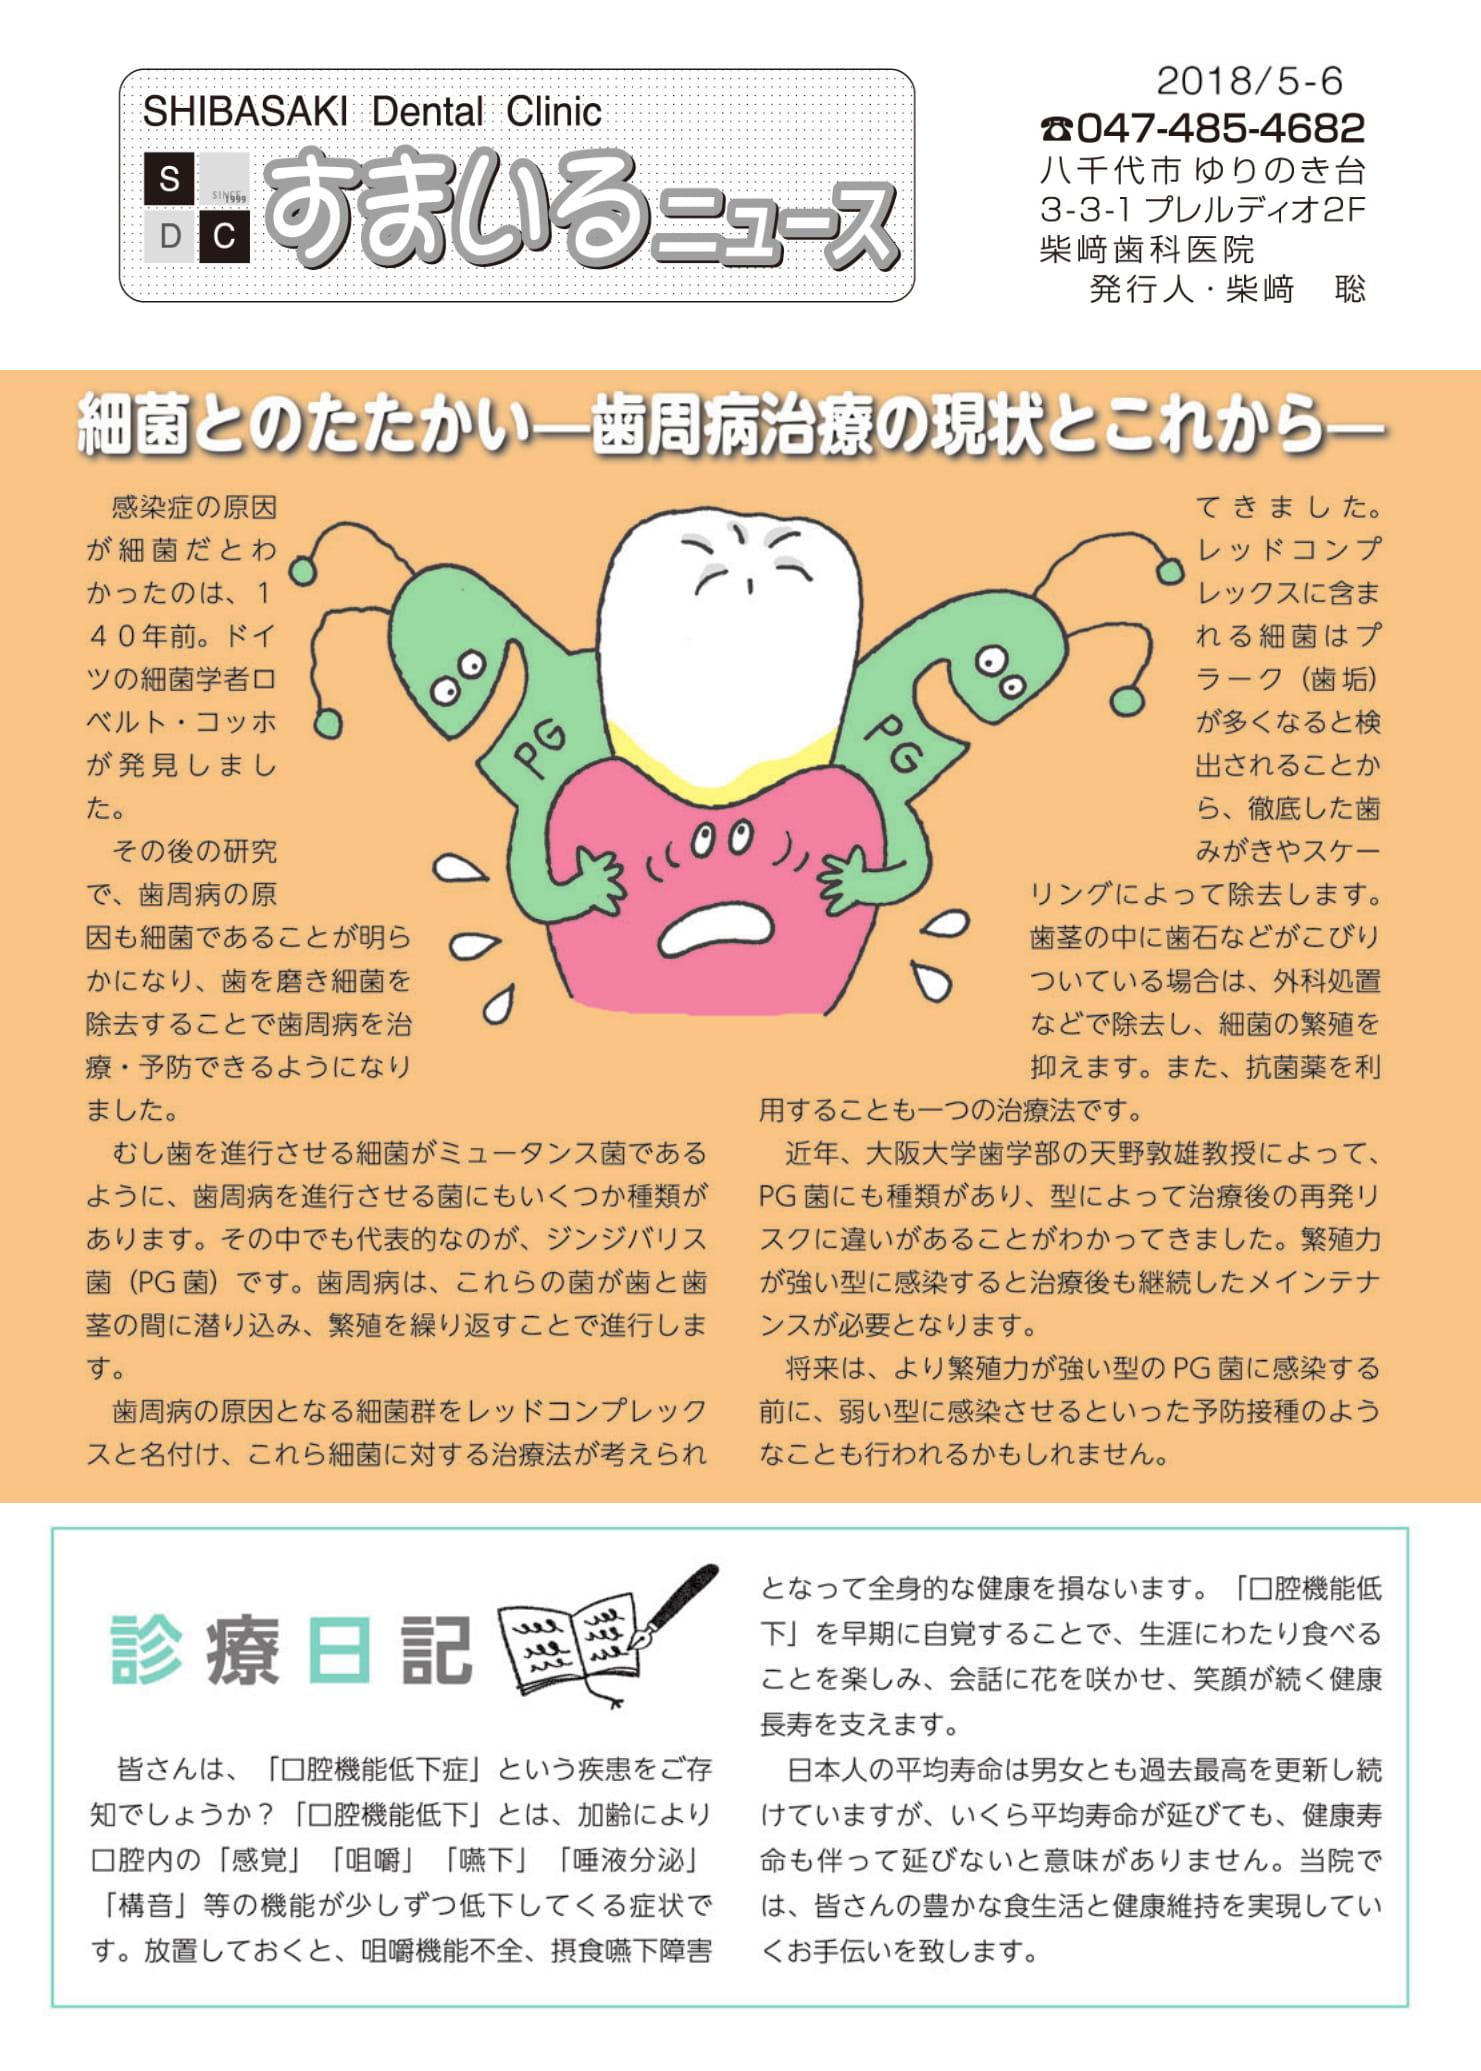 すまいるニュース2018年5-6月号 細菌のたたかい 歯周病治療の現状とこれから